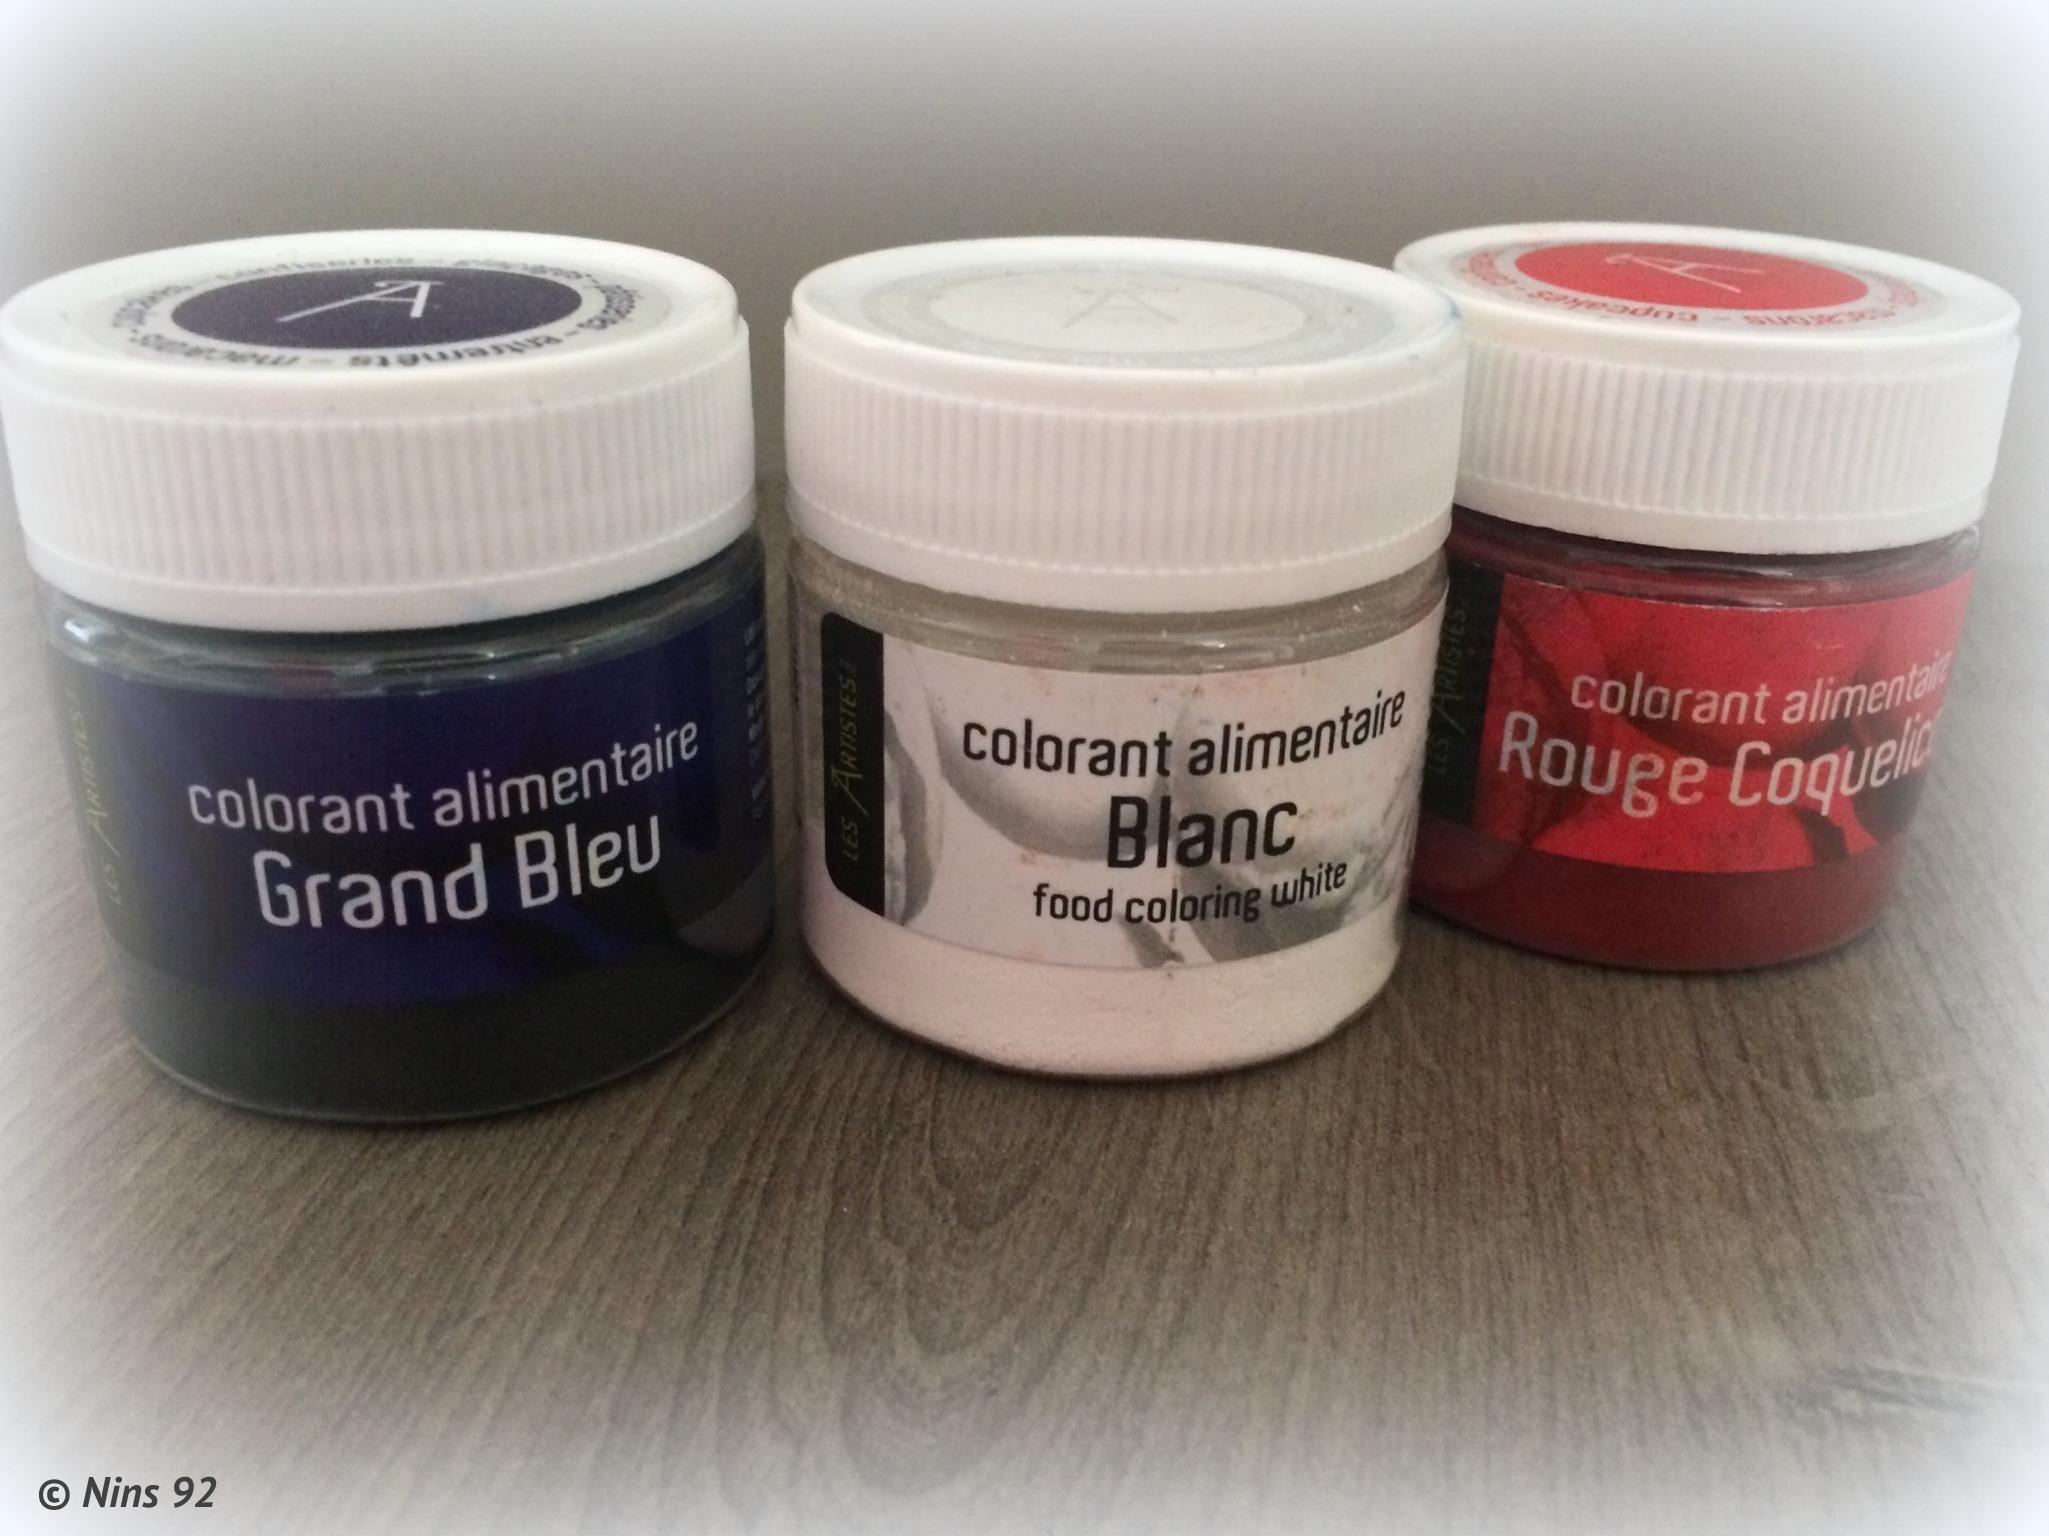 ajoutez au fur et mesure le colorant en poudre votre prparation pour vous rendre compte de la couleur les nuances changent si vous diluez votre - Colorant Les Artistes